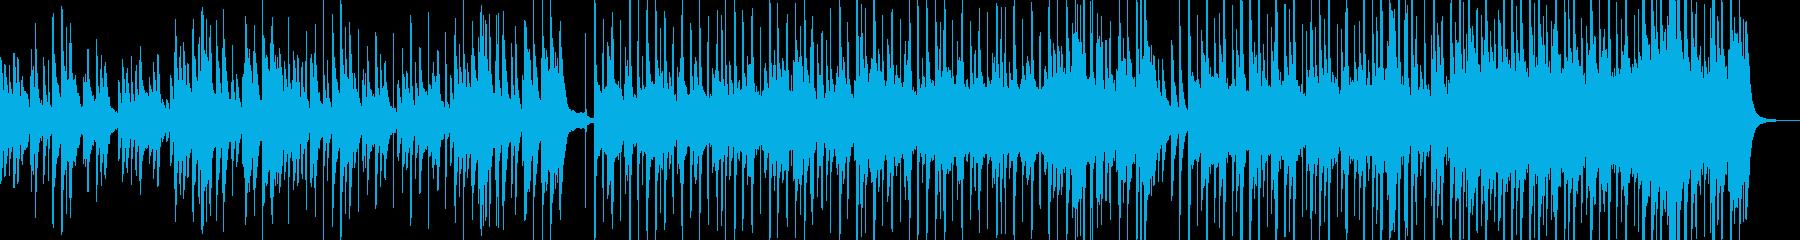 切ないピアノ、小編成で囲むバラードの再生済みの波形